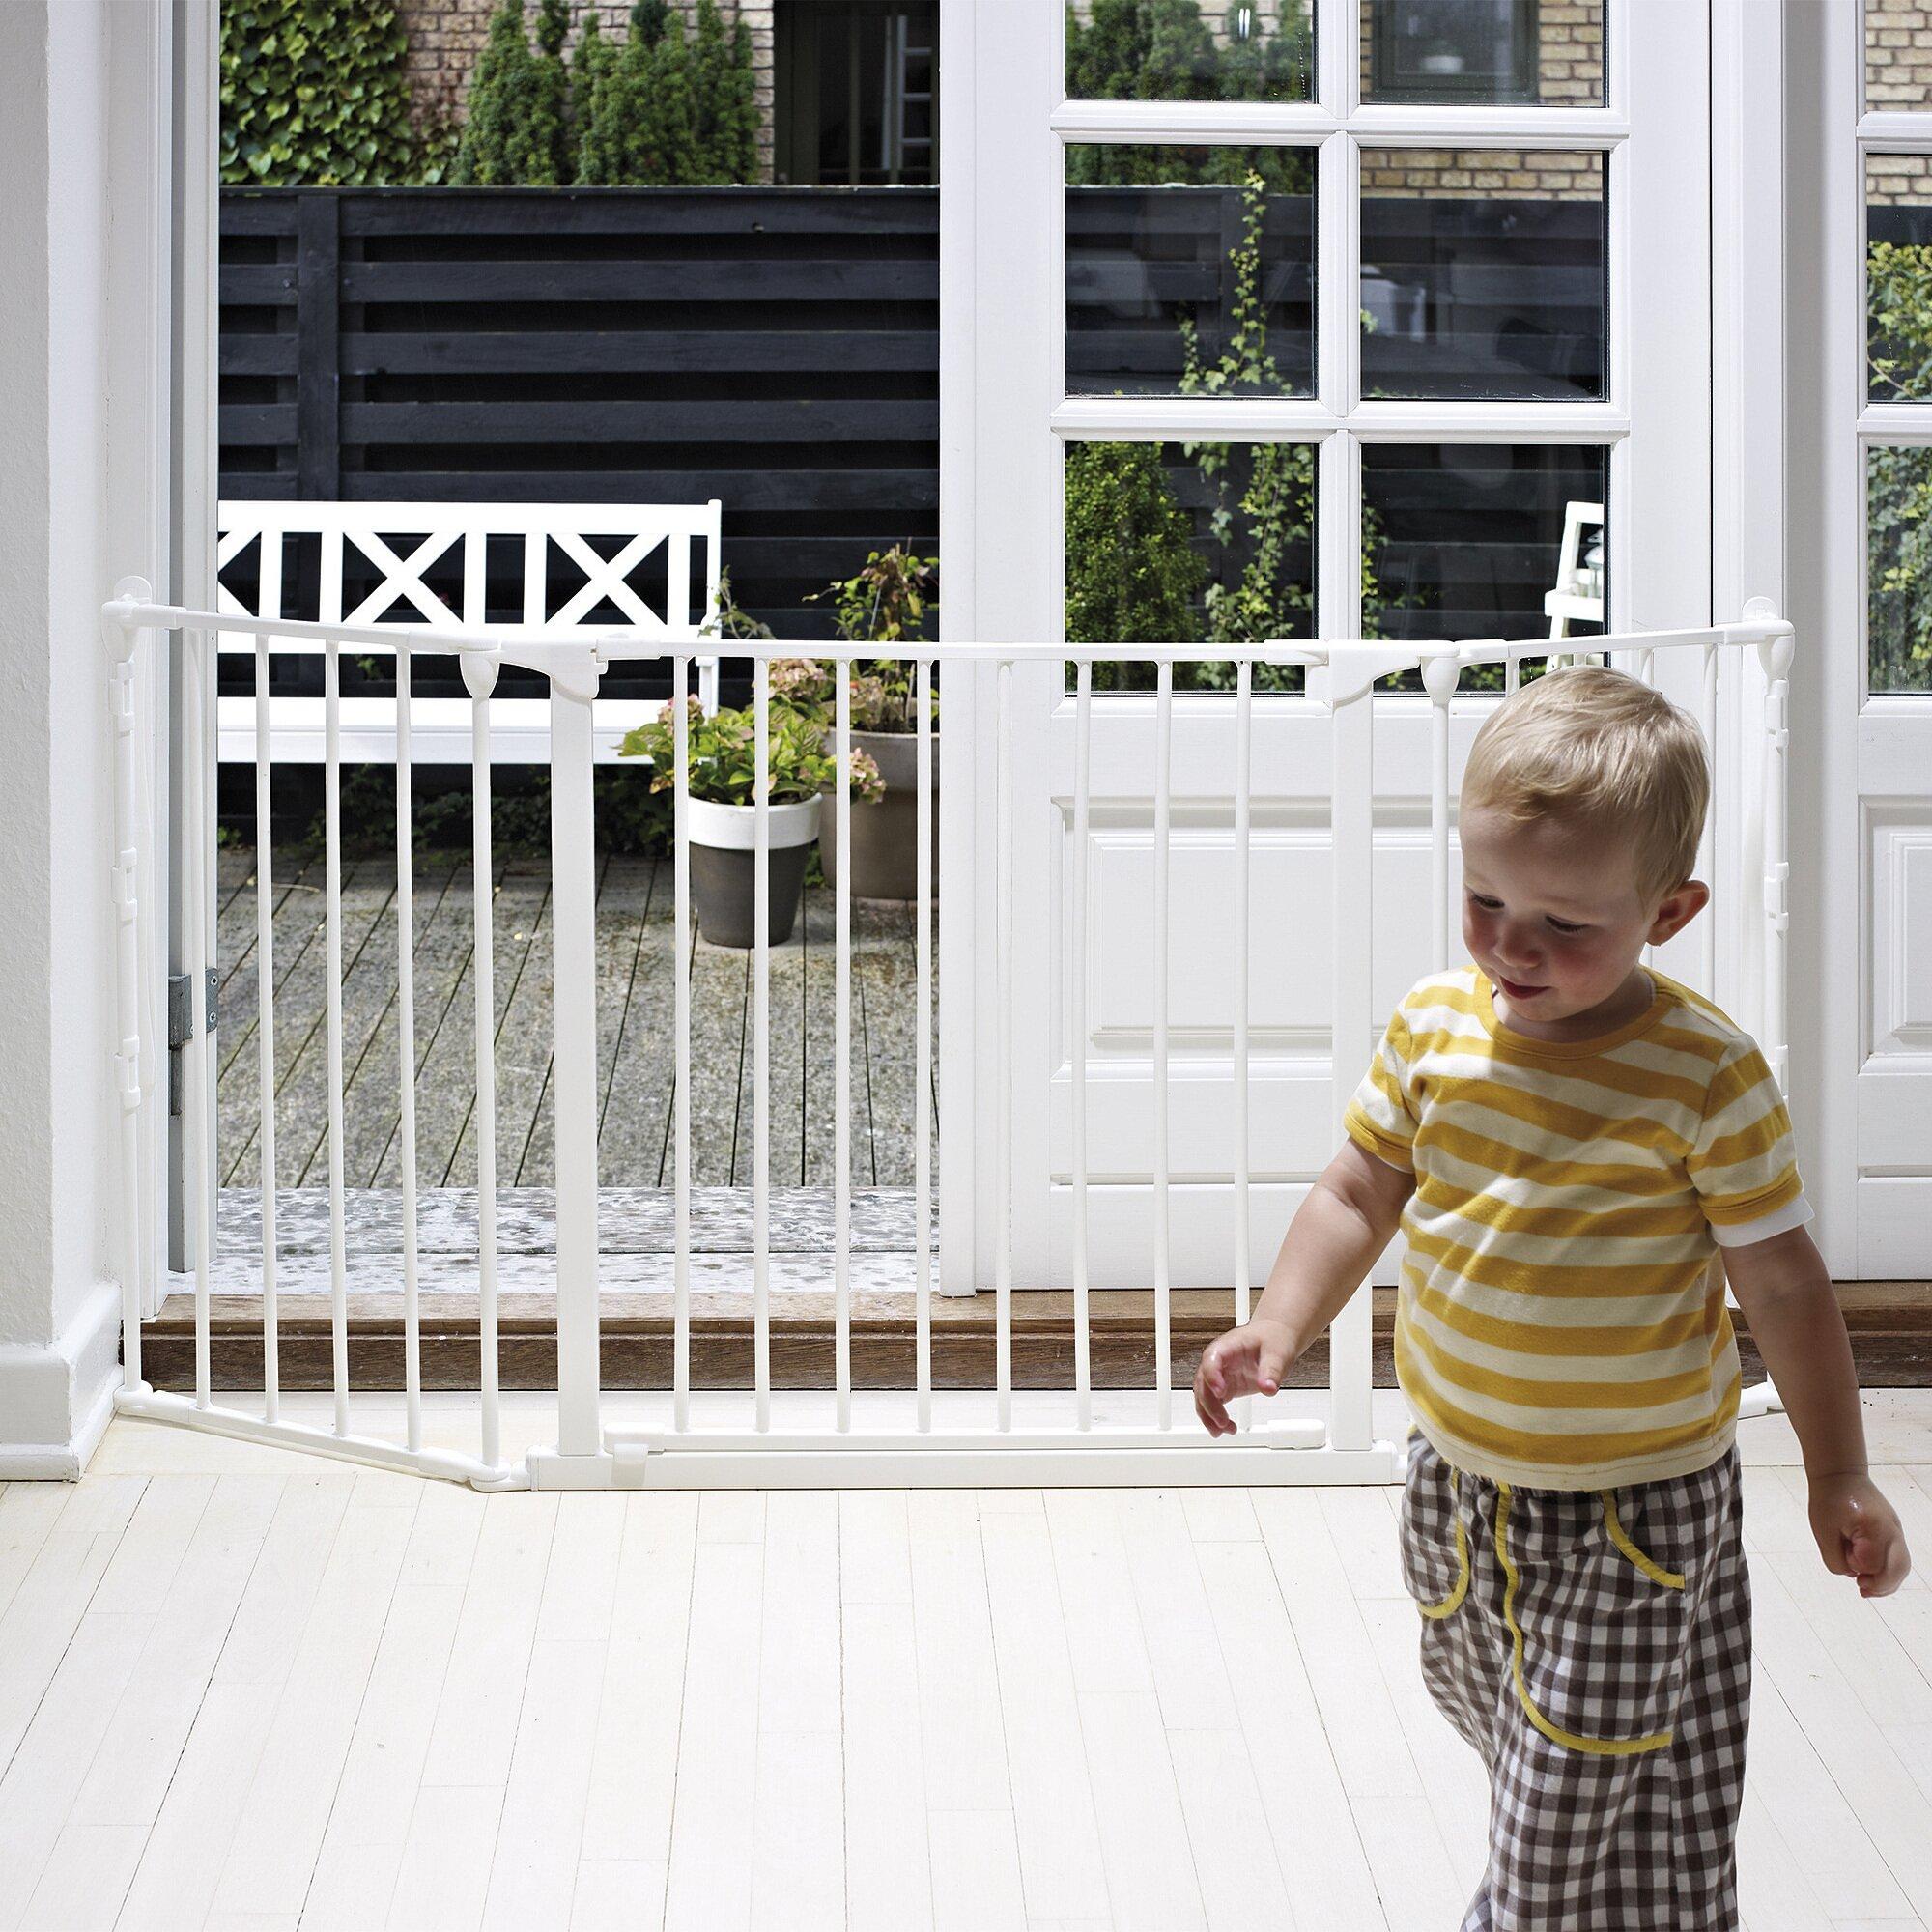 baby-dan-verstellbares-sicherheitsgitter-flex-m